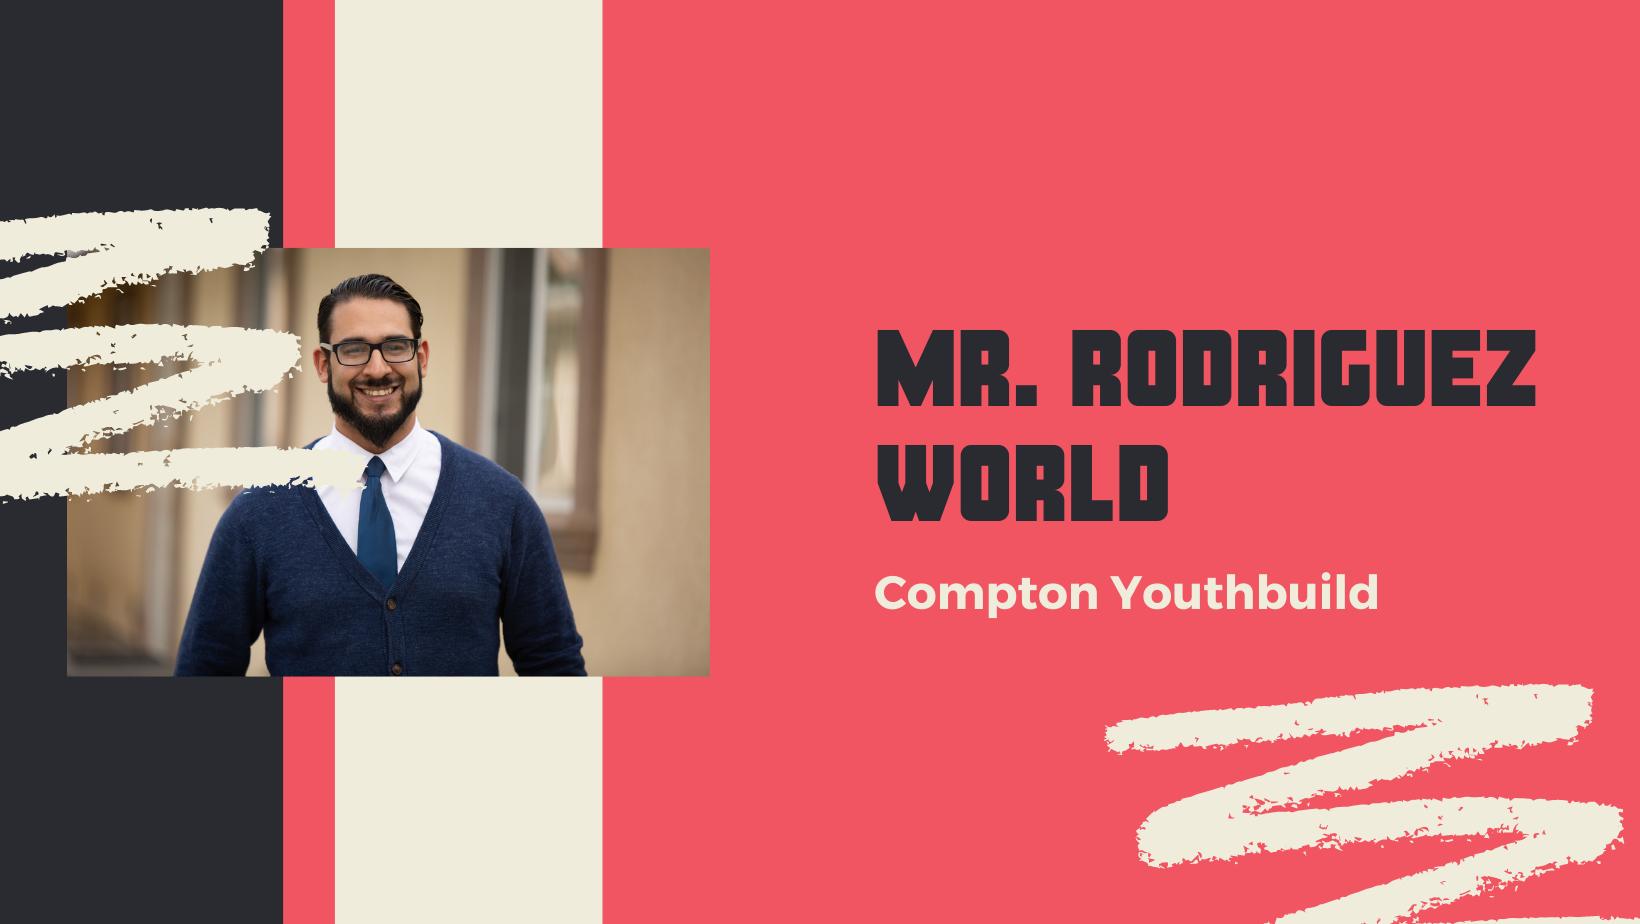 Mr. Rodriguez World Compton Youthbuild